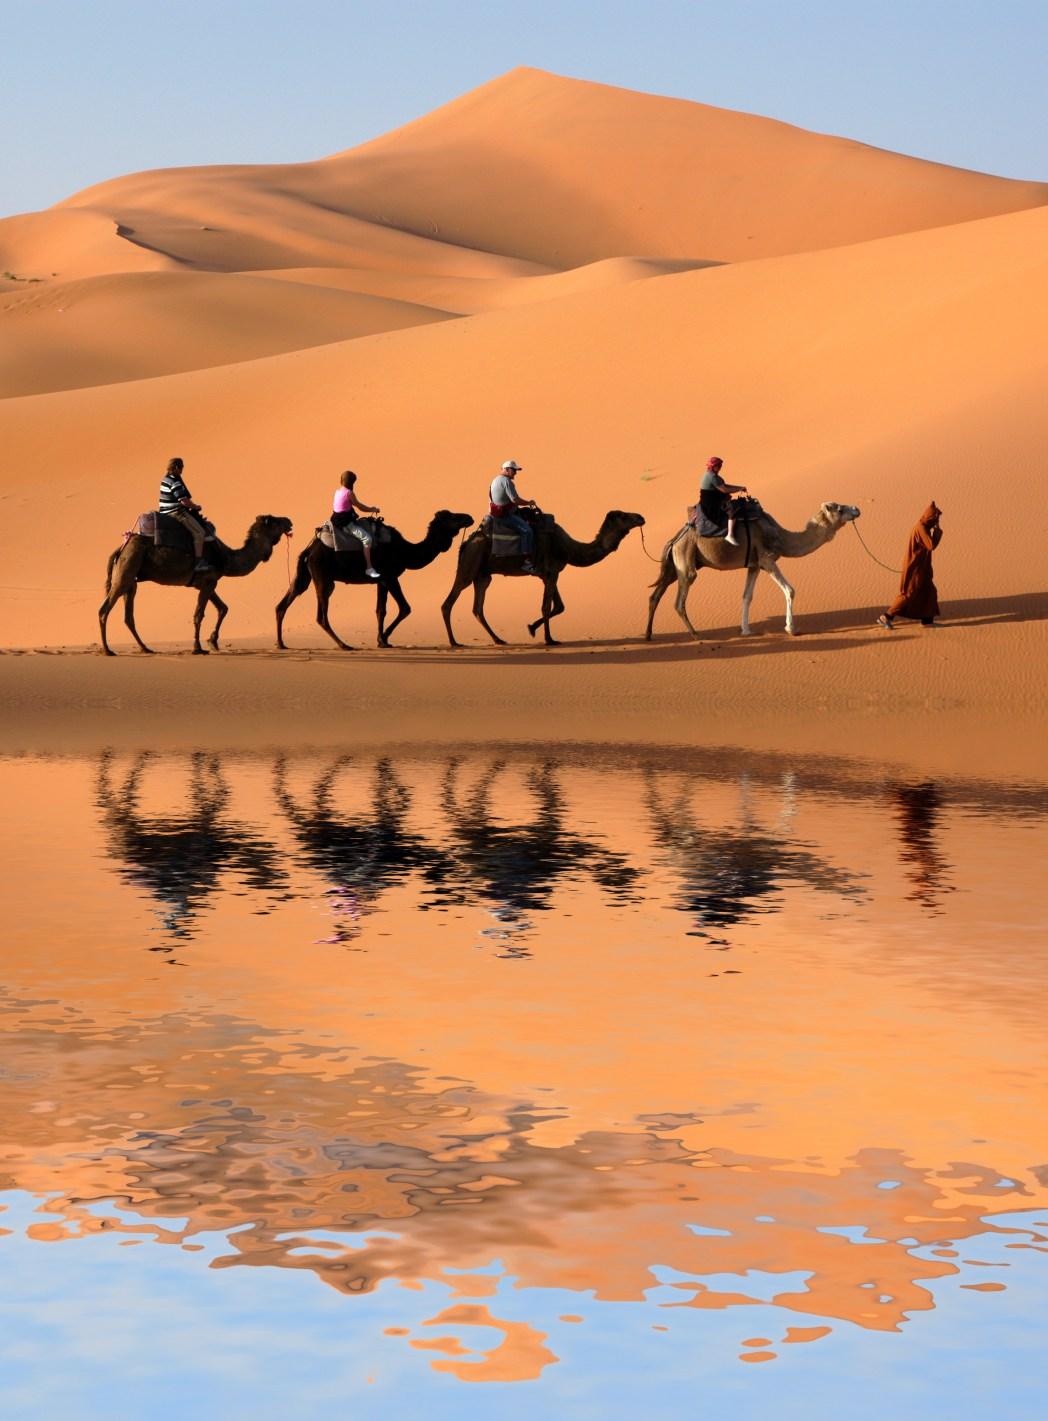 Εκδρομή με καμήλα στην έρημο του Μαρόκου